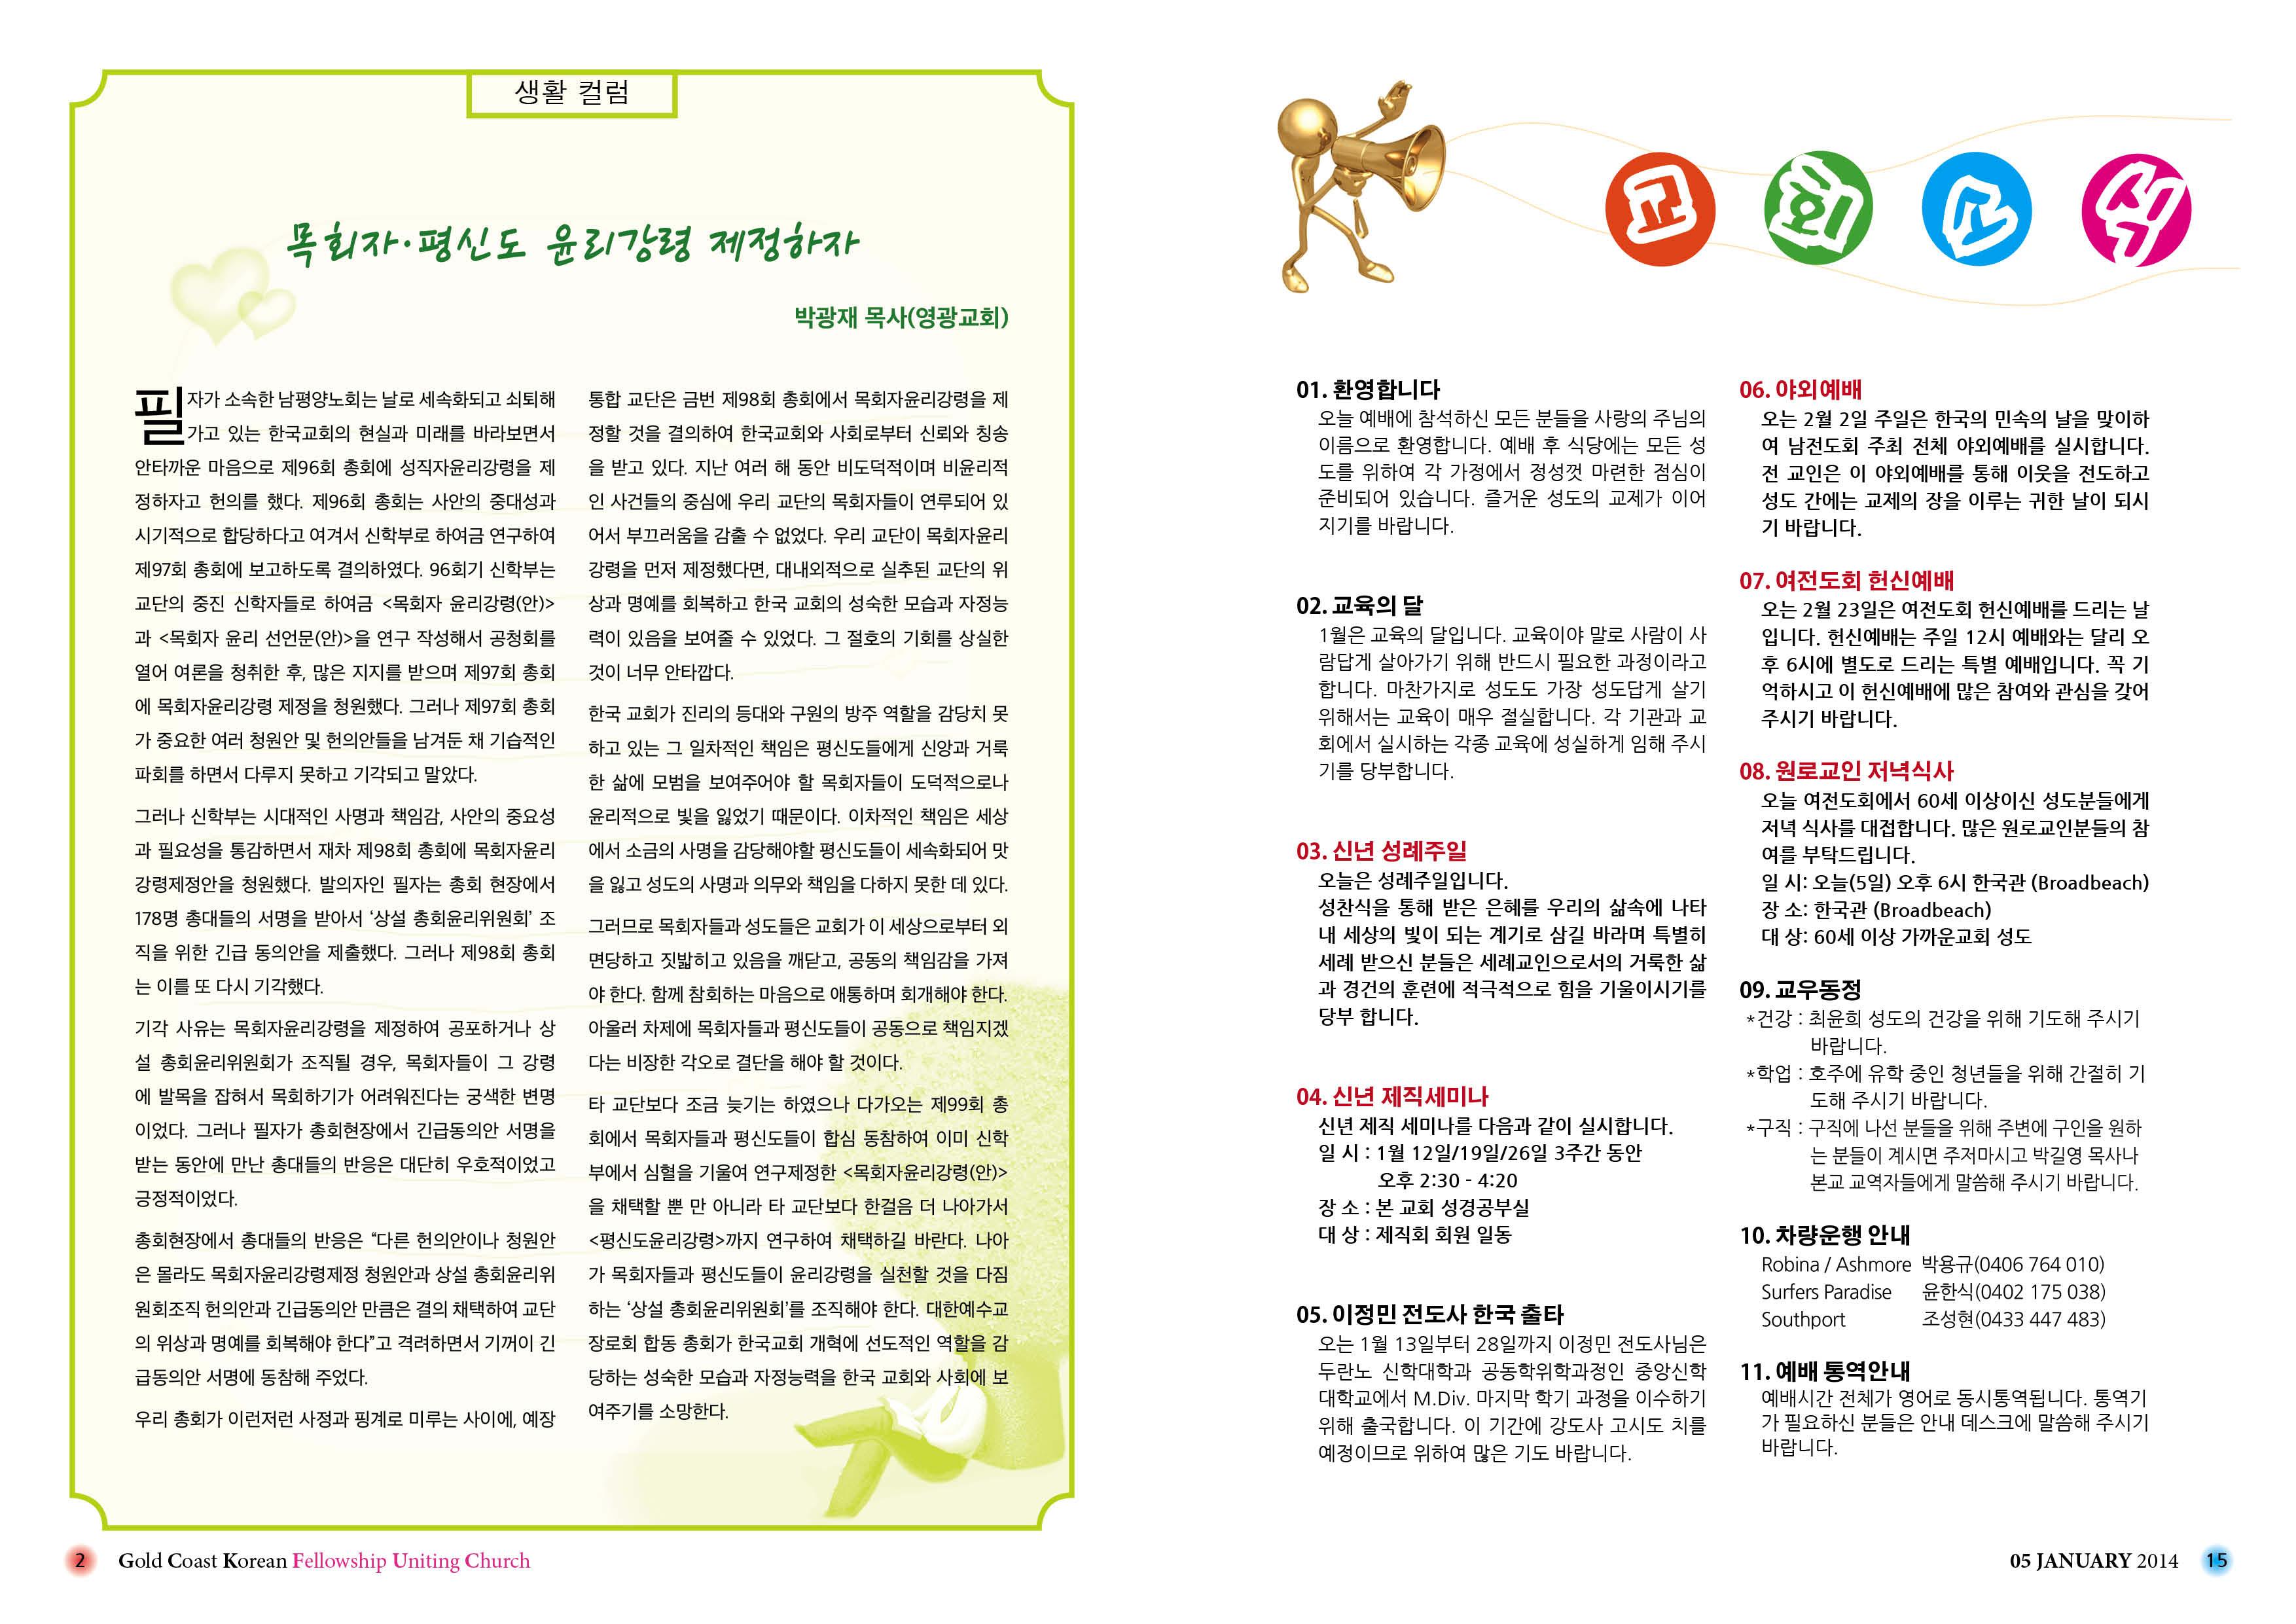 2014.01.05 주보 프린트(2차 수정)2.jpg